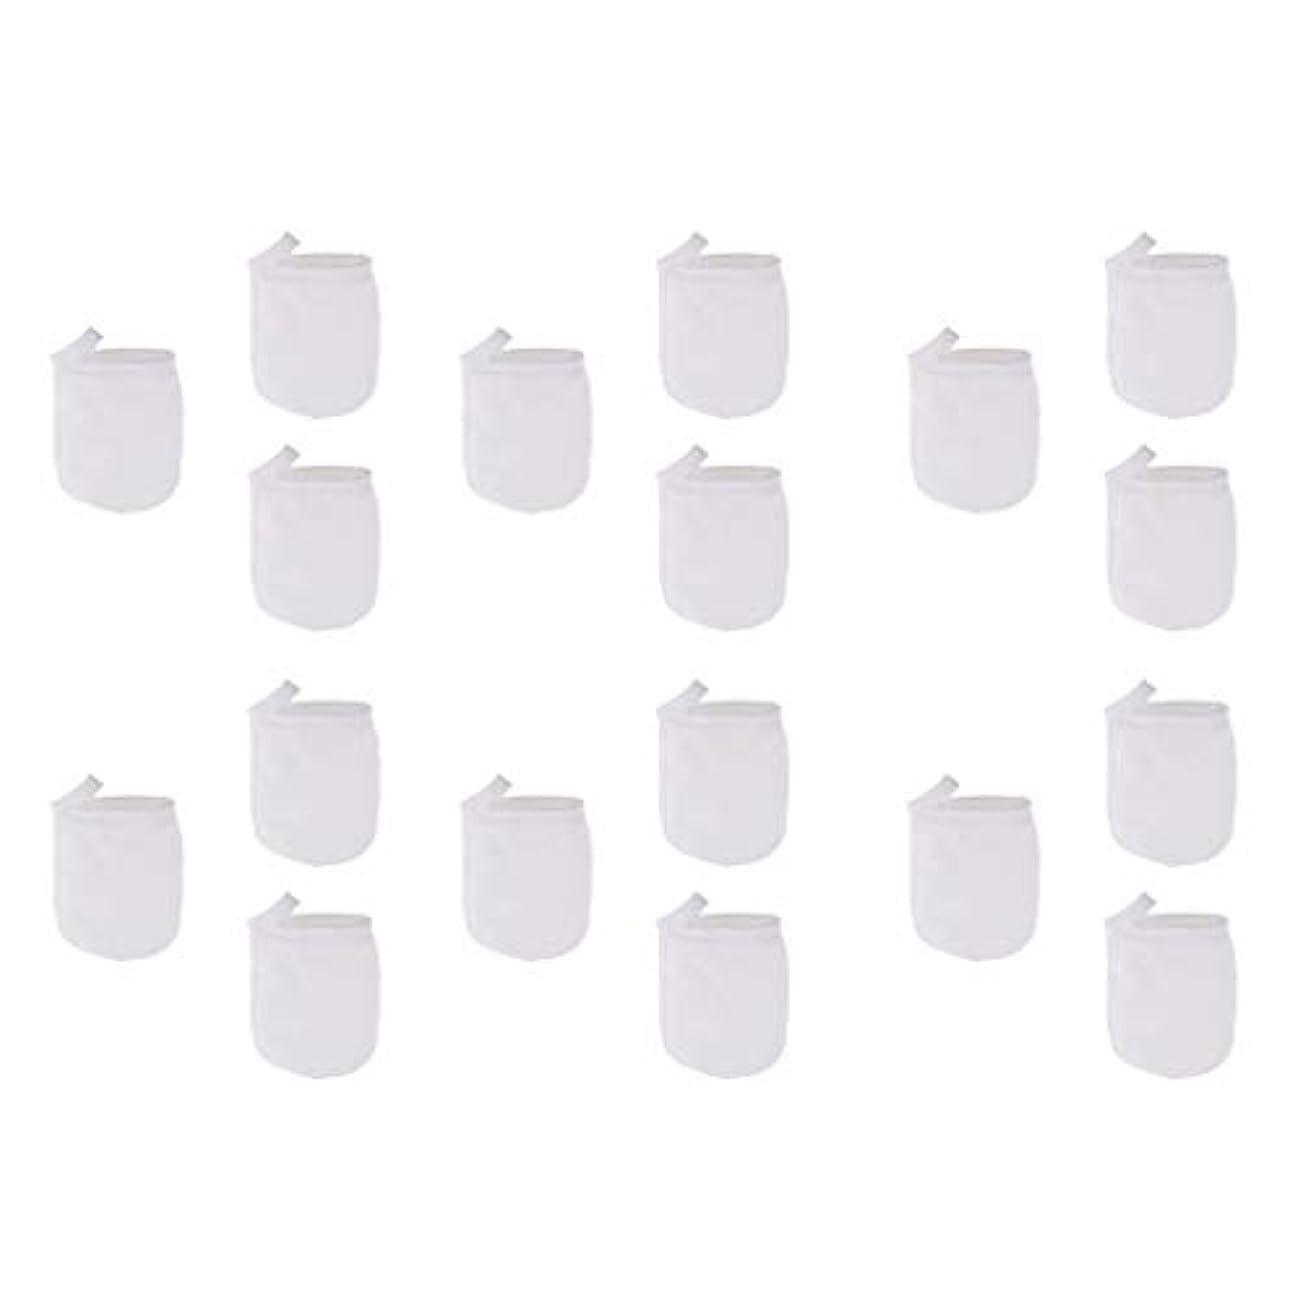 十一設計留め金T TOOYFUL 洗顔手袋 洗顔グローブ クレンジンググローブ メイク落とし手袋 マイクロファイバー 約18個パック